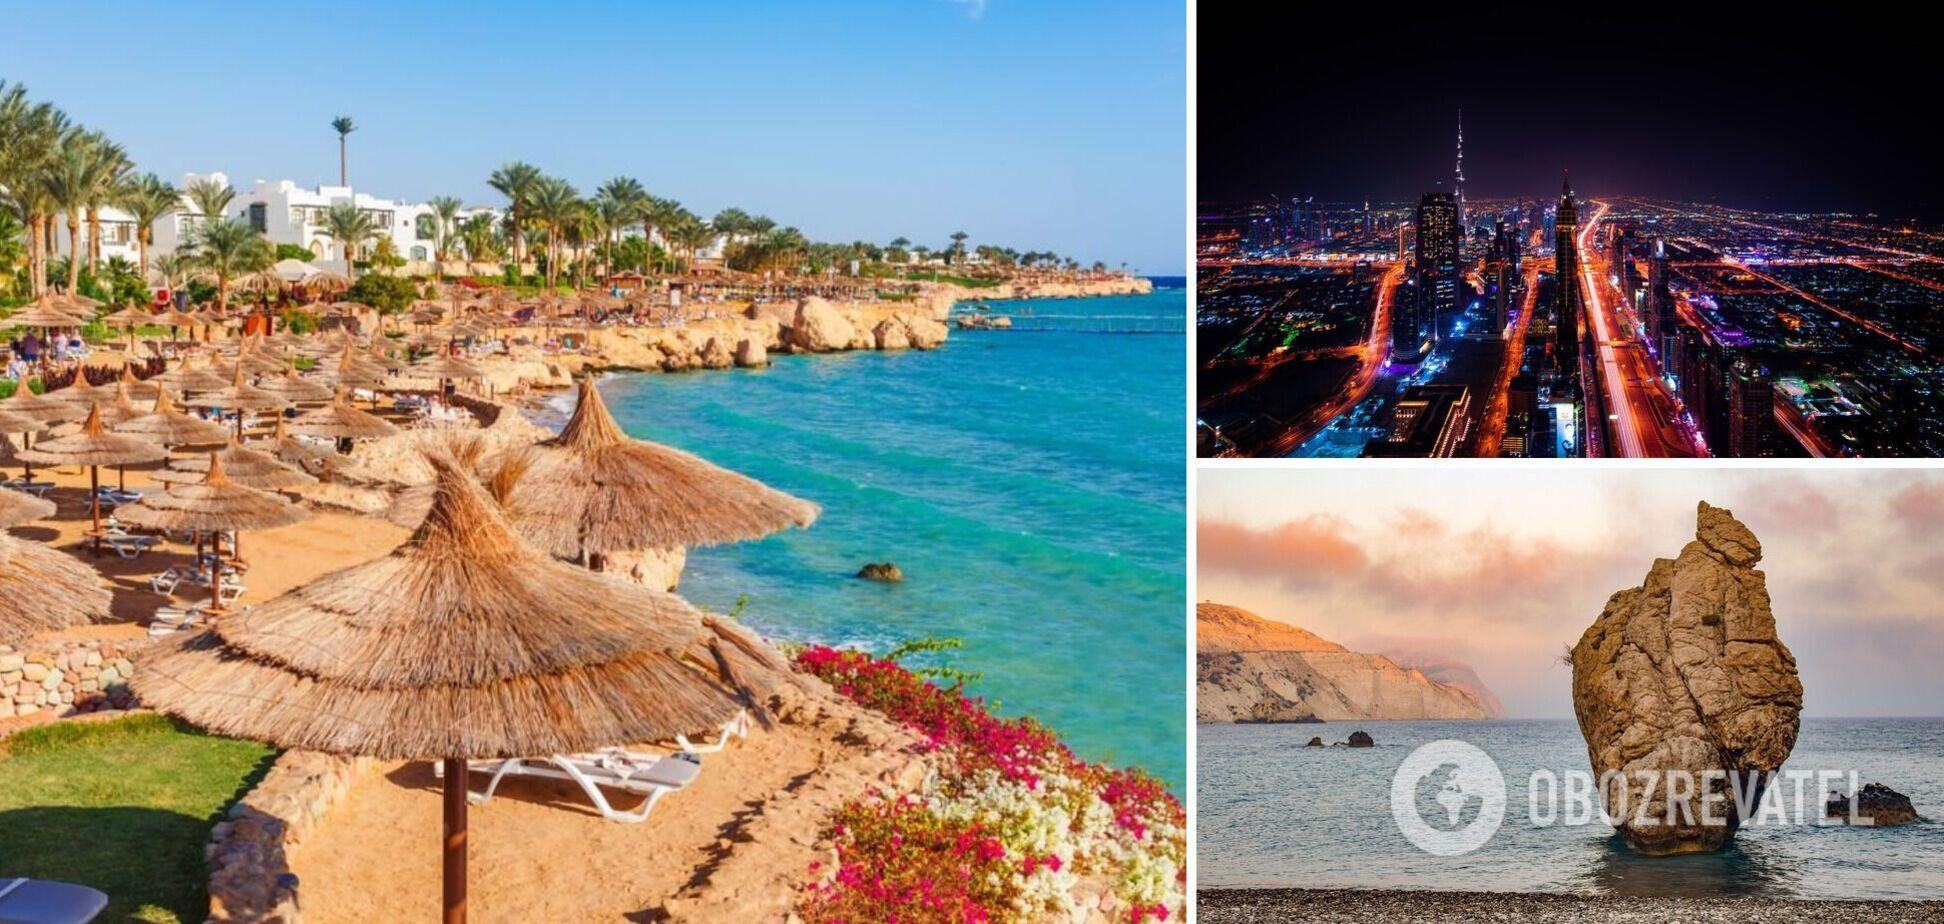 Єгипет, Чехія та ОАЕ готуються до туристичного сезону